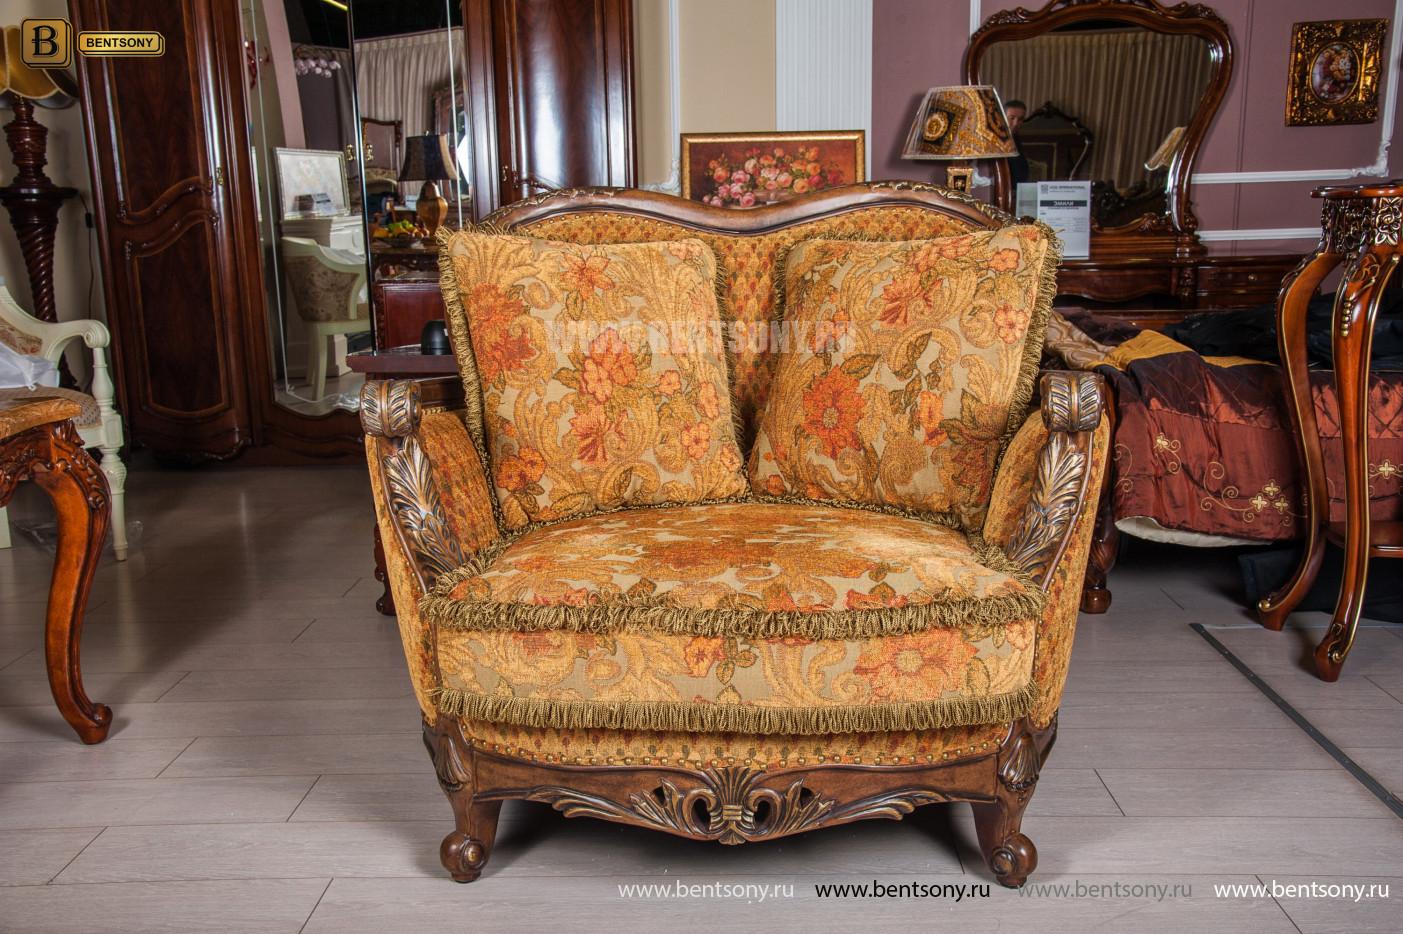 Тканевое классическое кресло Рамирес